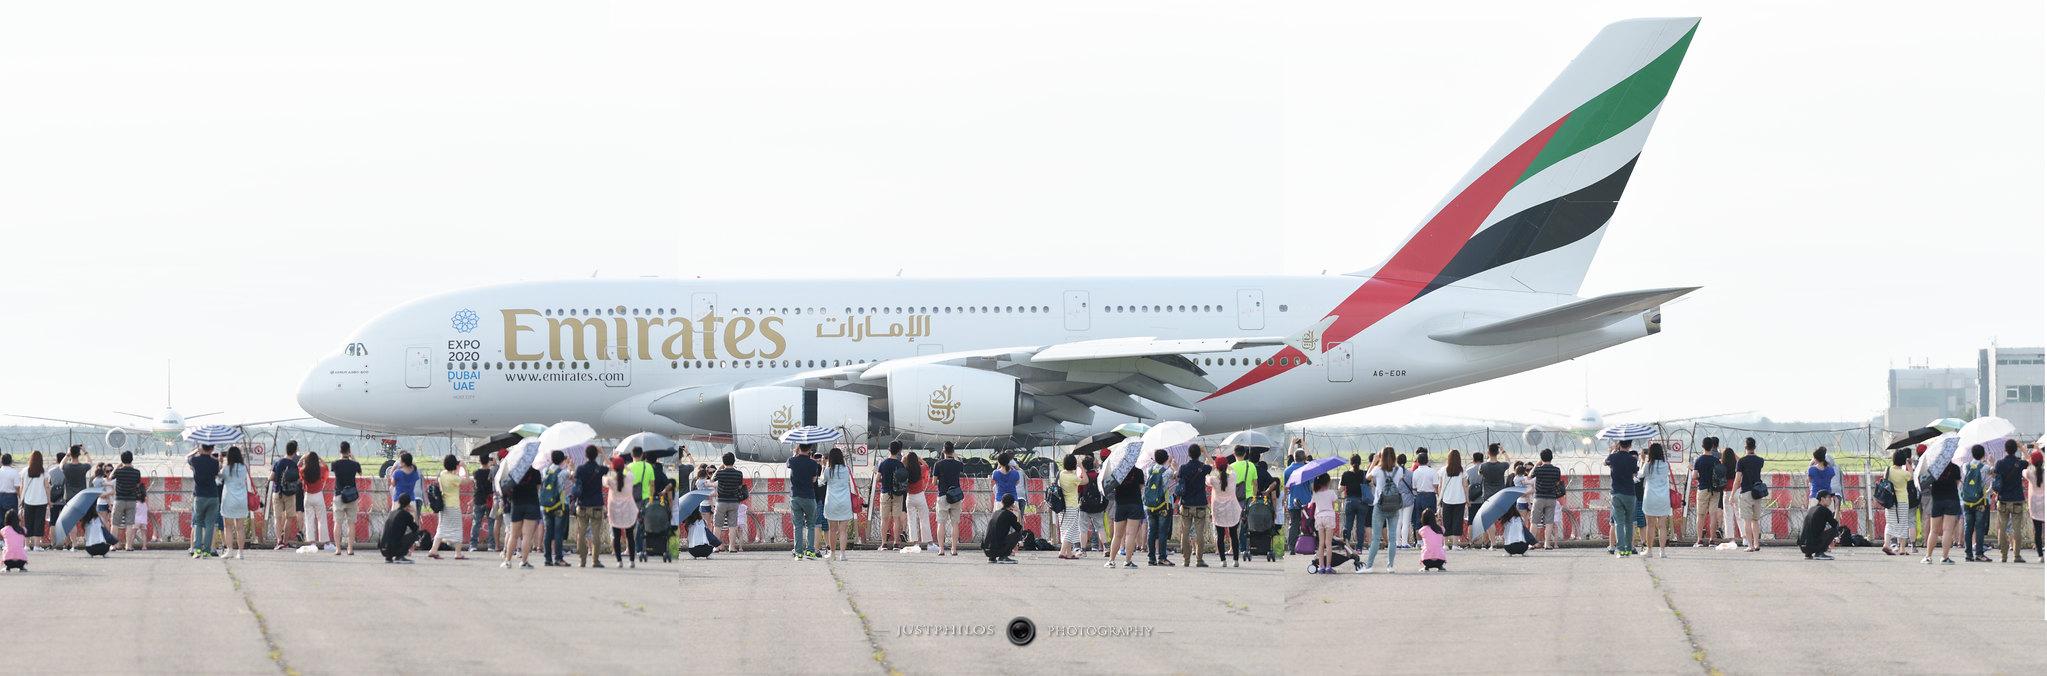 阿聯酋航空A380巨無霸客機